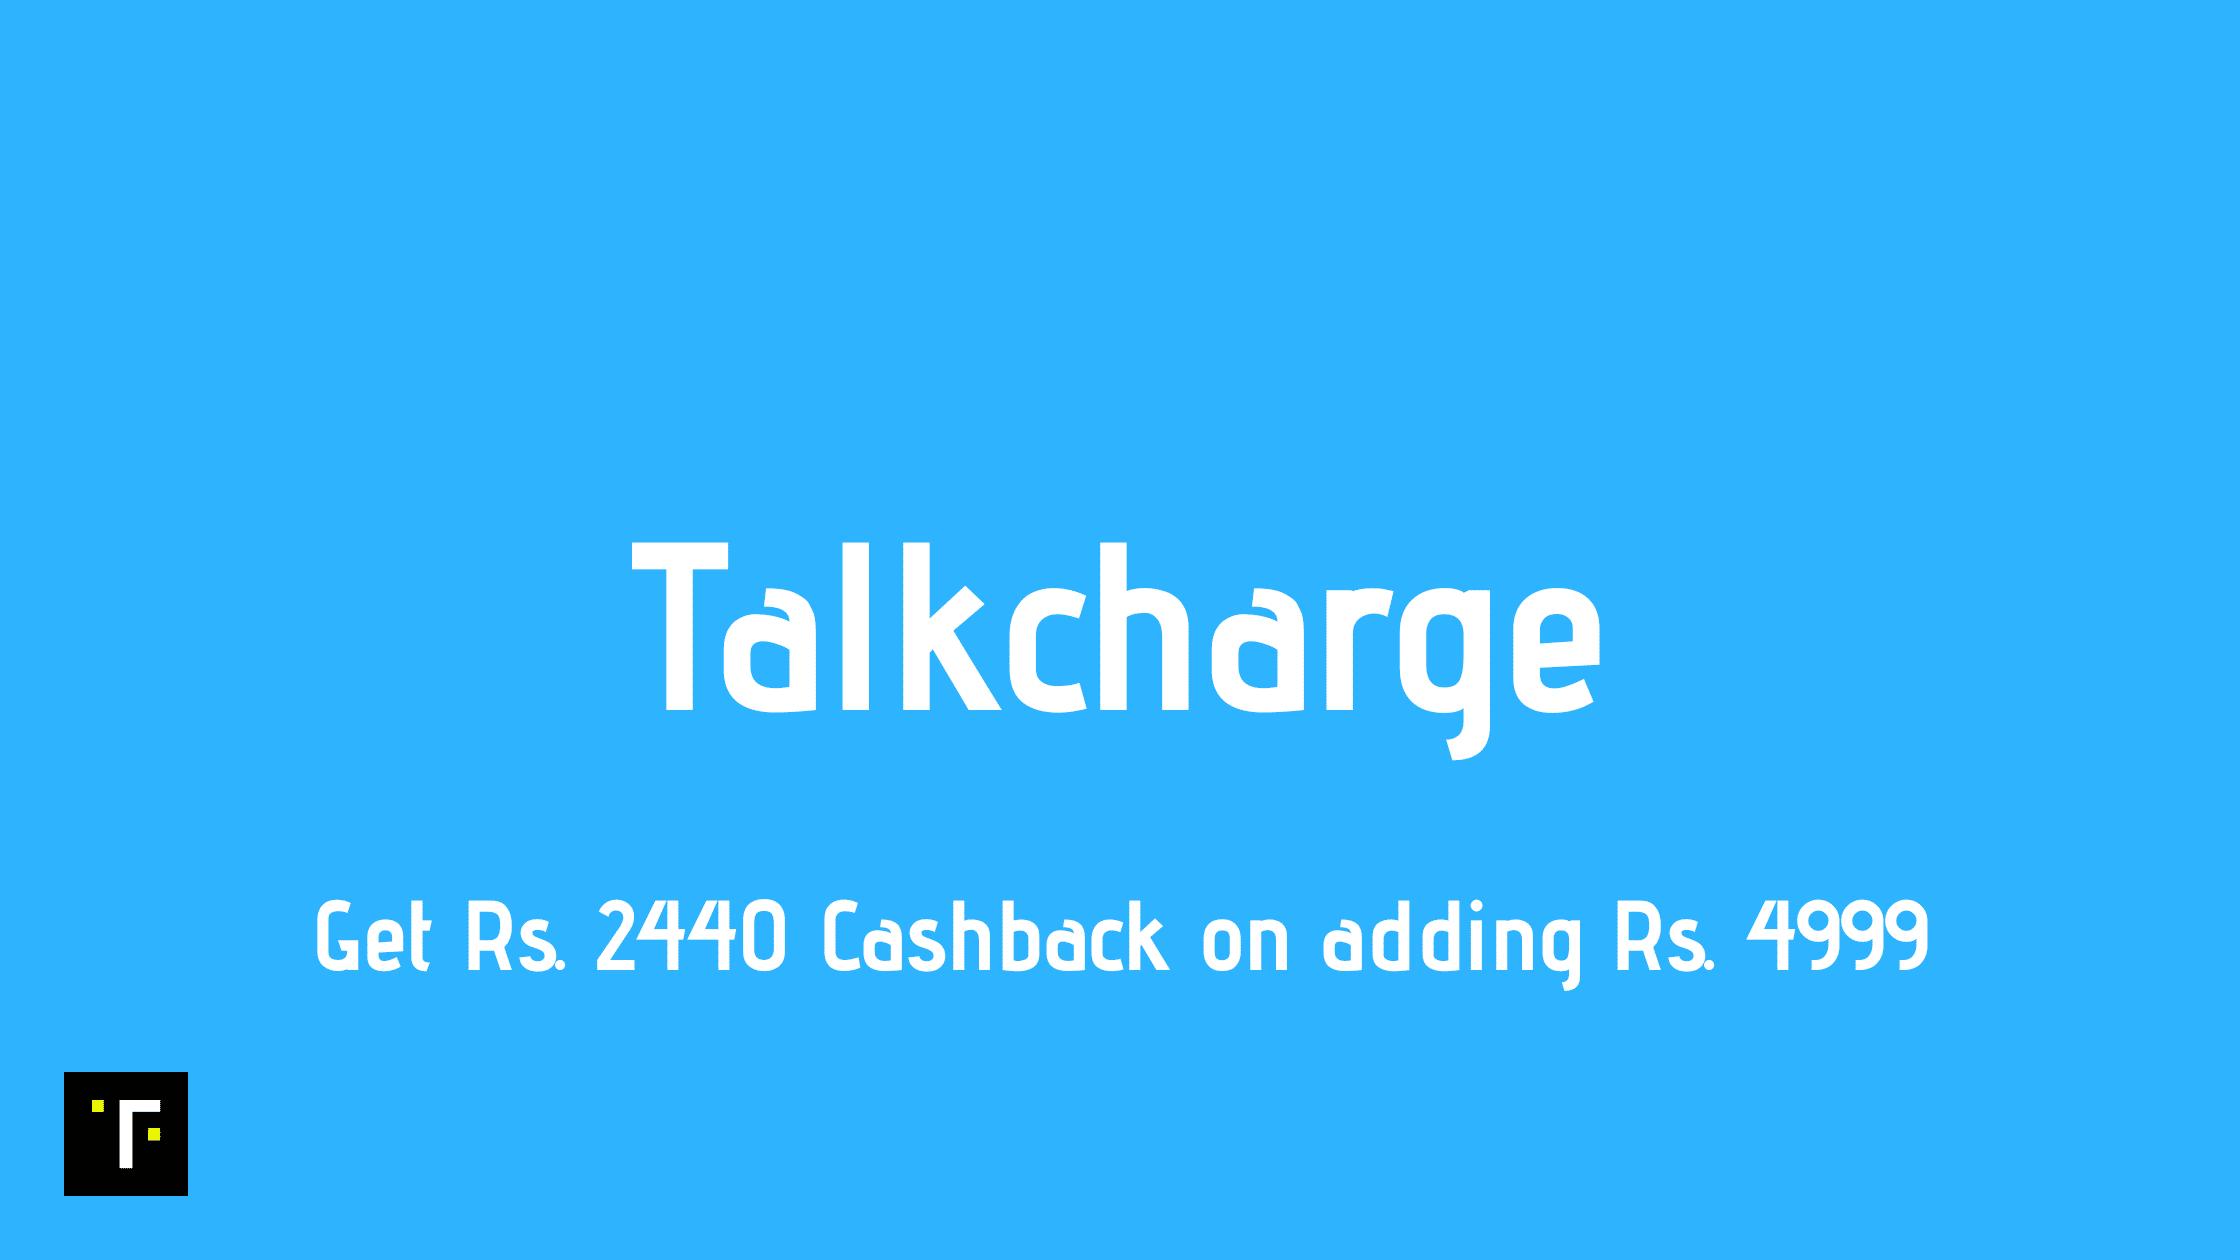 Talkcharge: Get Rs. 2440 Cashback on adding Rs. 4999 - Thinkingfunda - Cashback